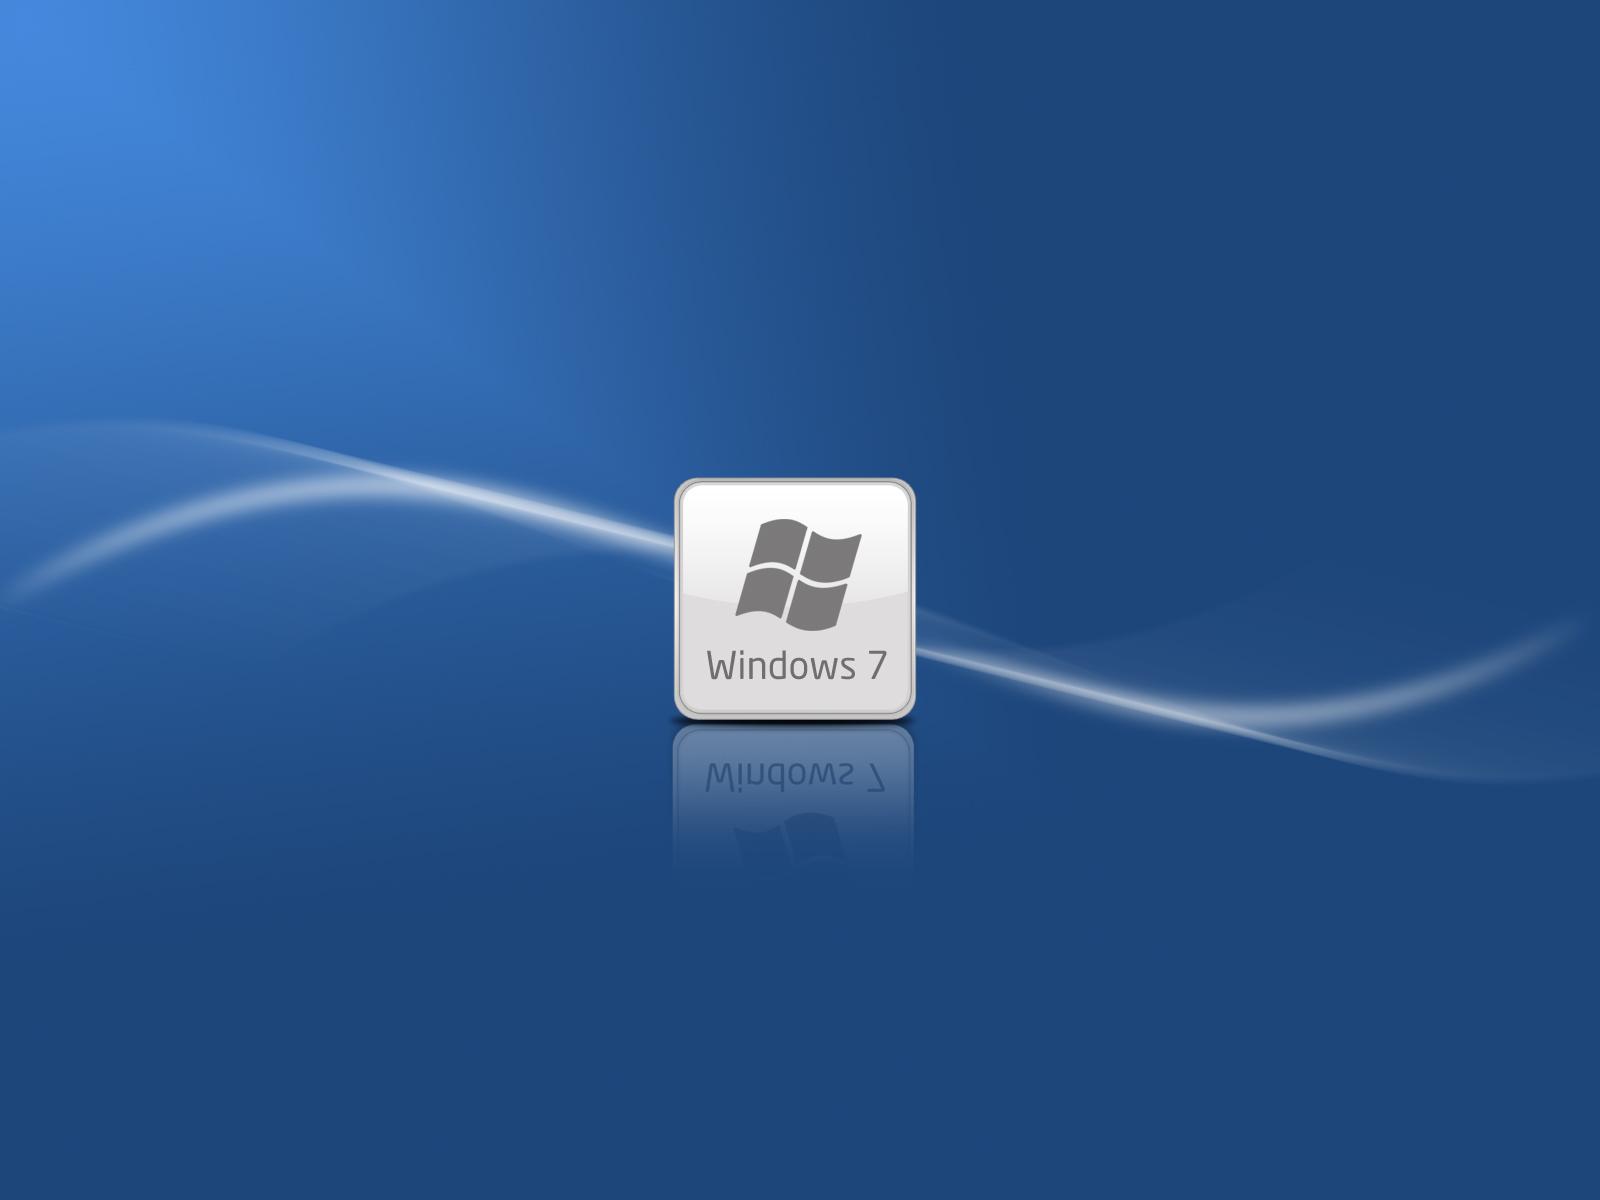 http://1.bp.blogspot.com/_ybpq5zhL-RU/TBM3_ccqUpI/AAAAAAAAAPc/skWyifiJvHQ/s1600/Windows_7_by_deviantarnab.jpg